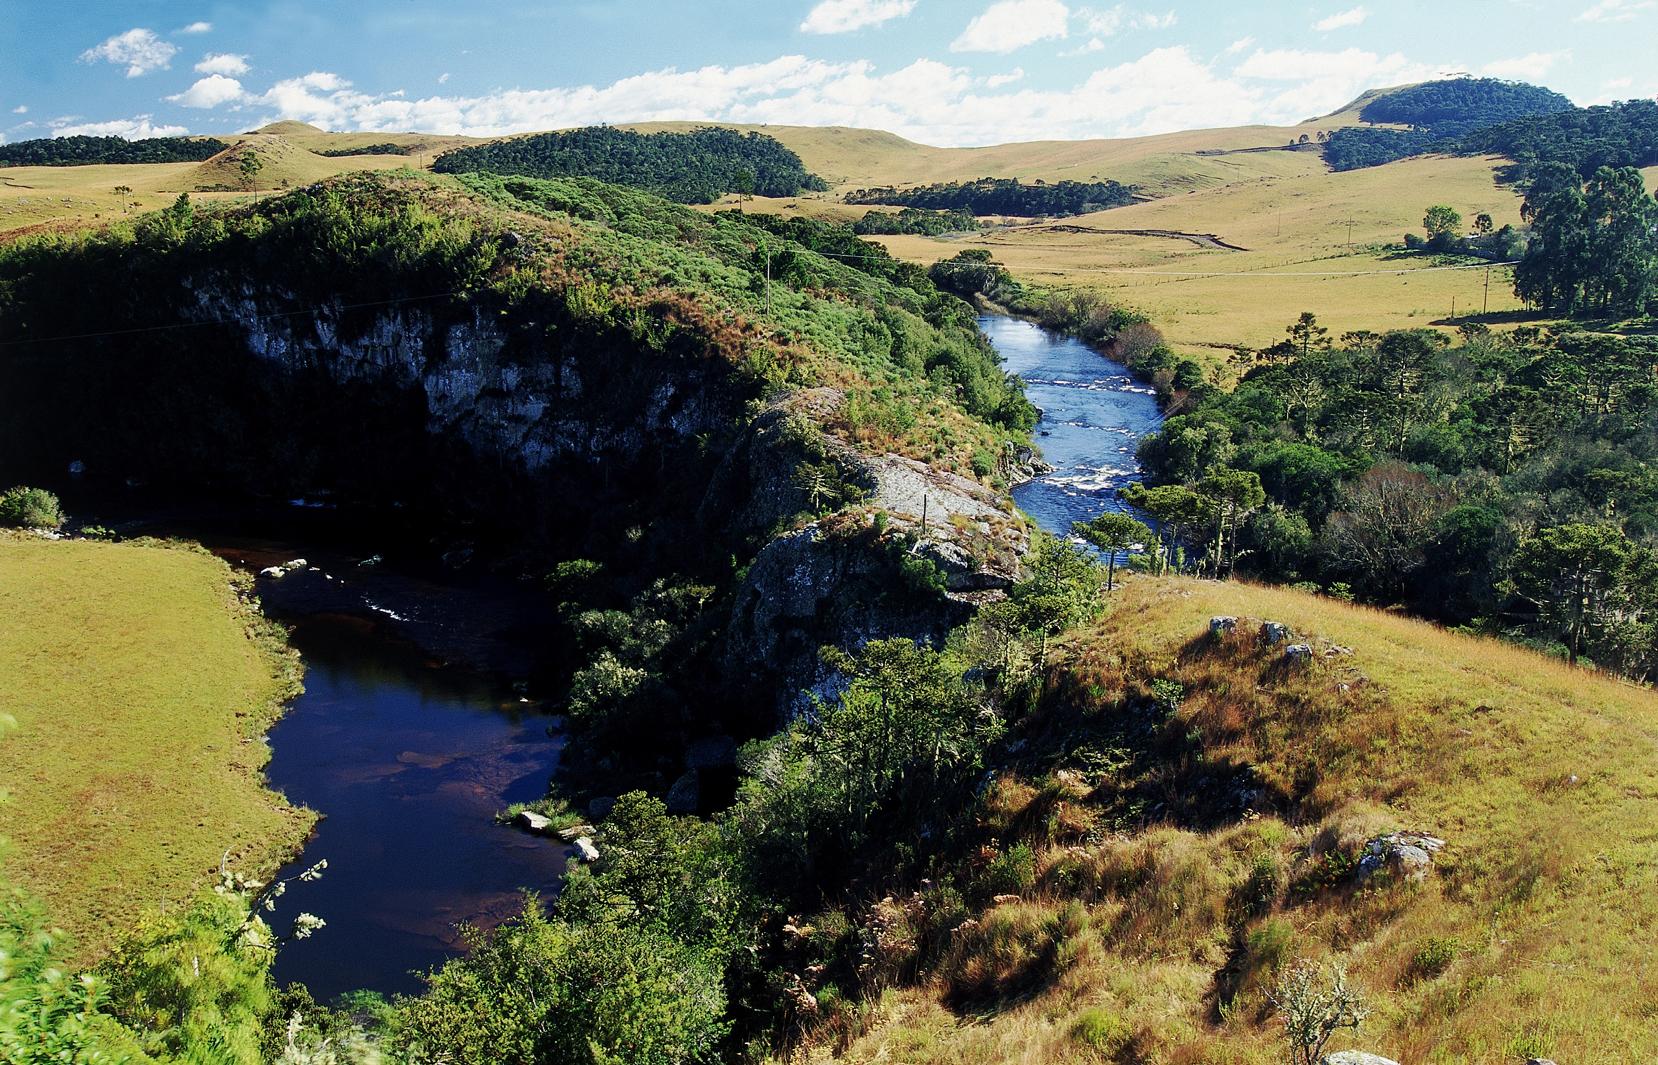 Desnível dos Rios Silveira e Divisa, em São José dos Ausentes, Rio Grande do Sul